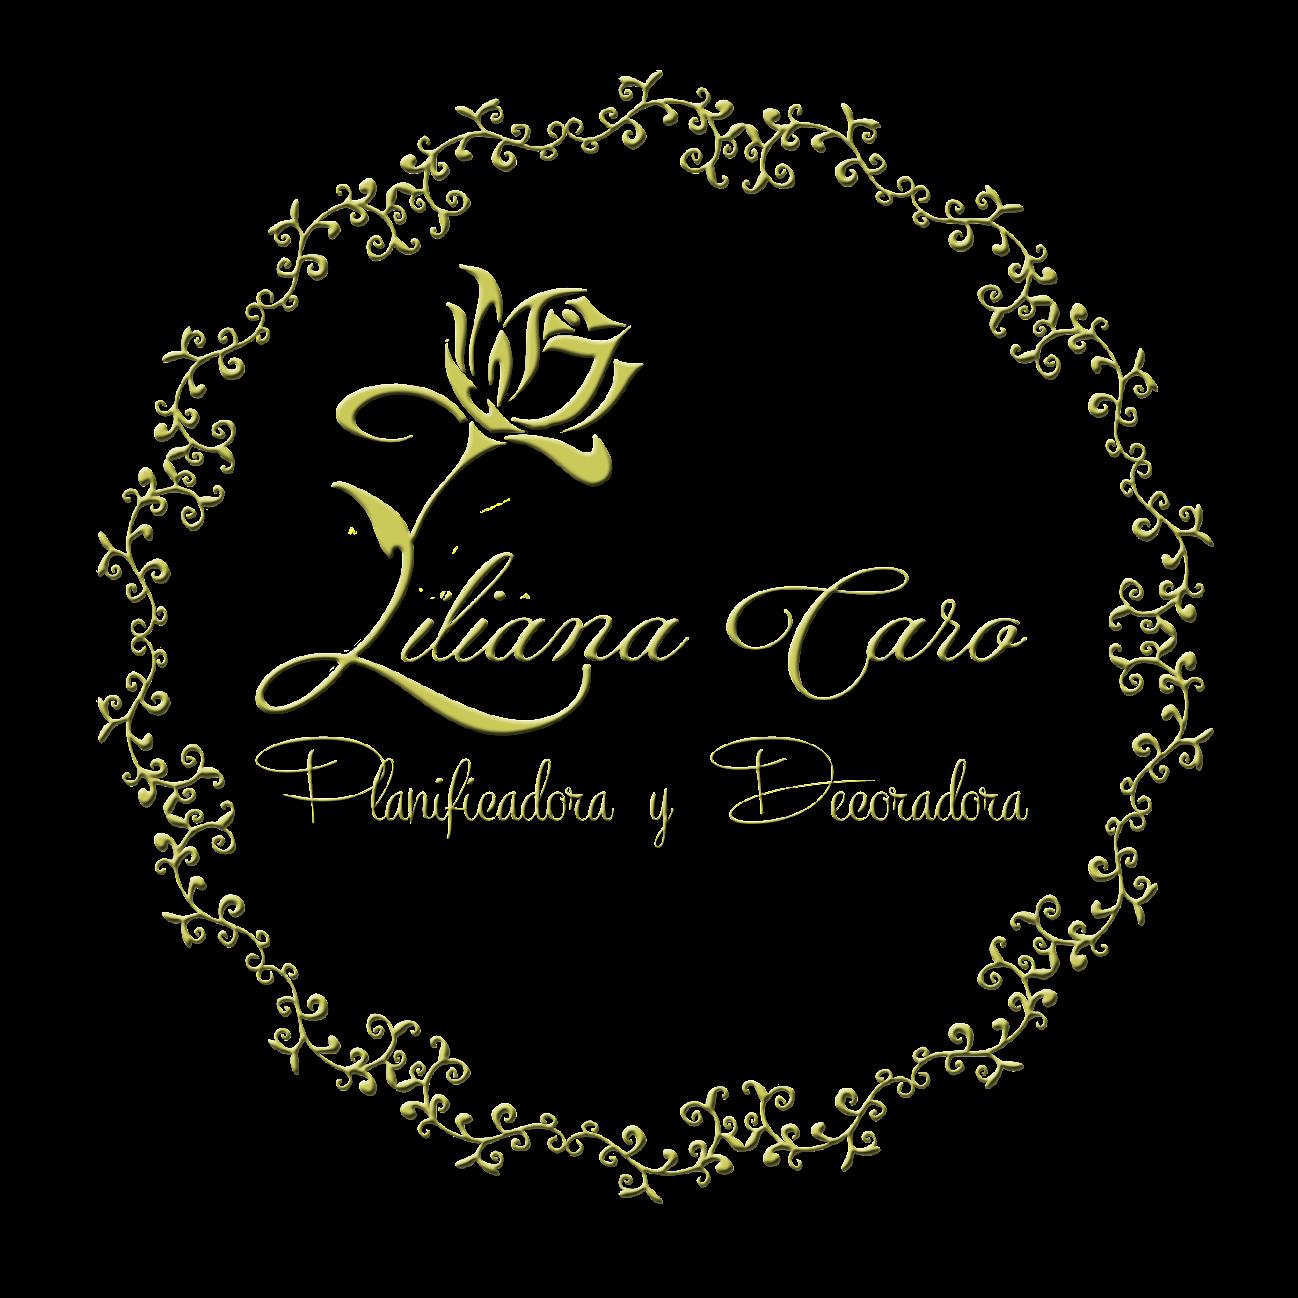 Liliana Caro Decoración y Planificación de Bodas y Eventos